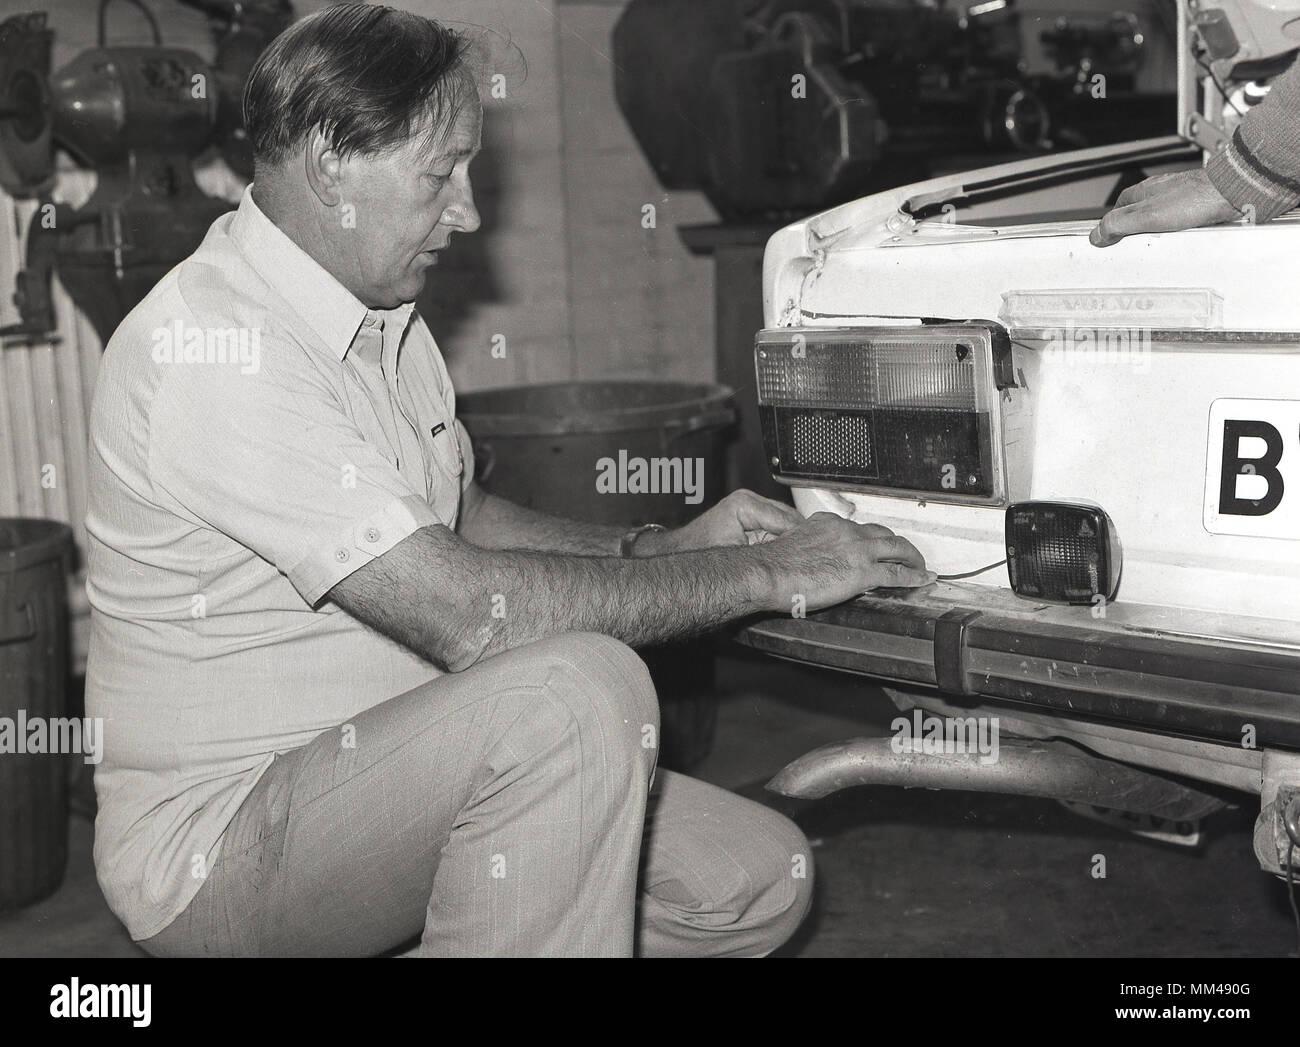 1970 s, historischen, ein Mann an einer Erwachsenenbildung klasse Auto Instandhaltung oder Wartung, Knieten während der Arbeit auf der Rückseite Lichter eines Volvo motorcar, England, UK. Stockbild